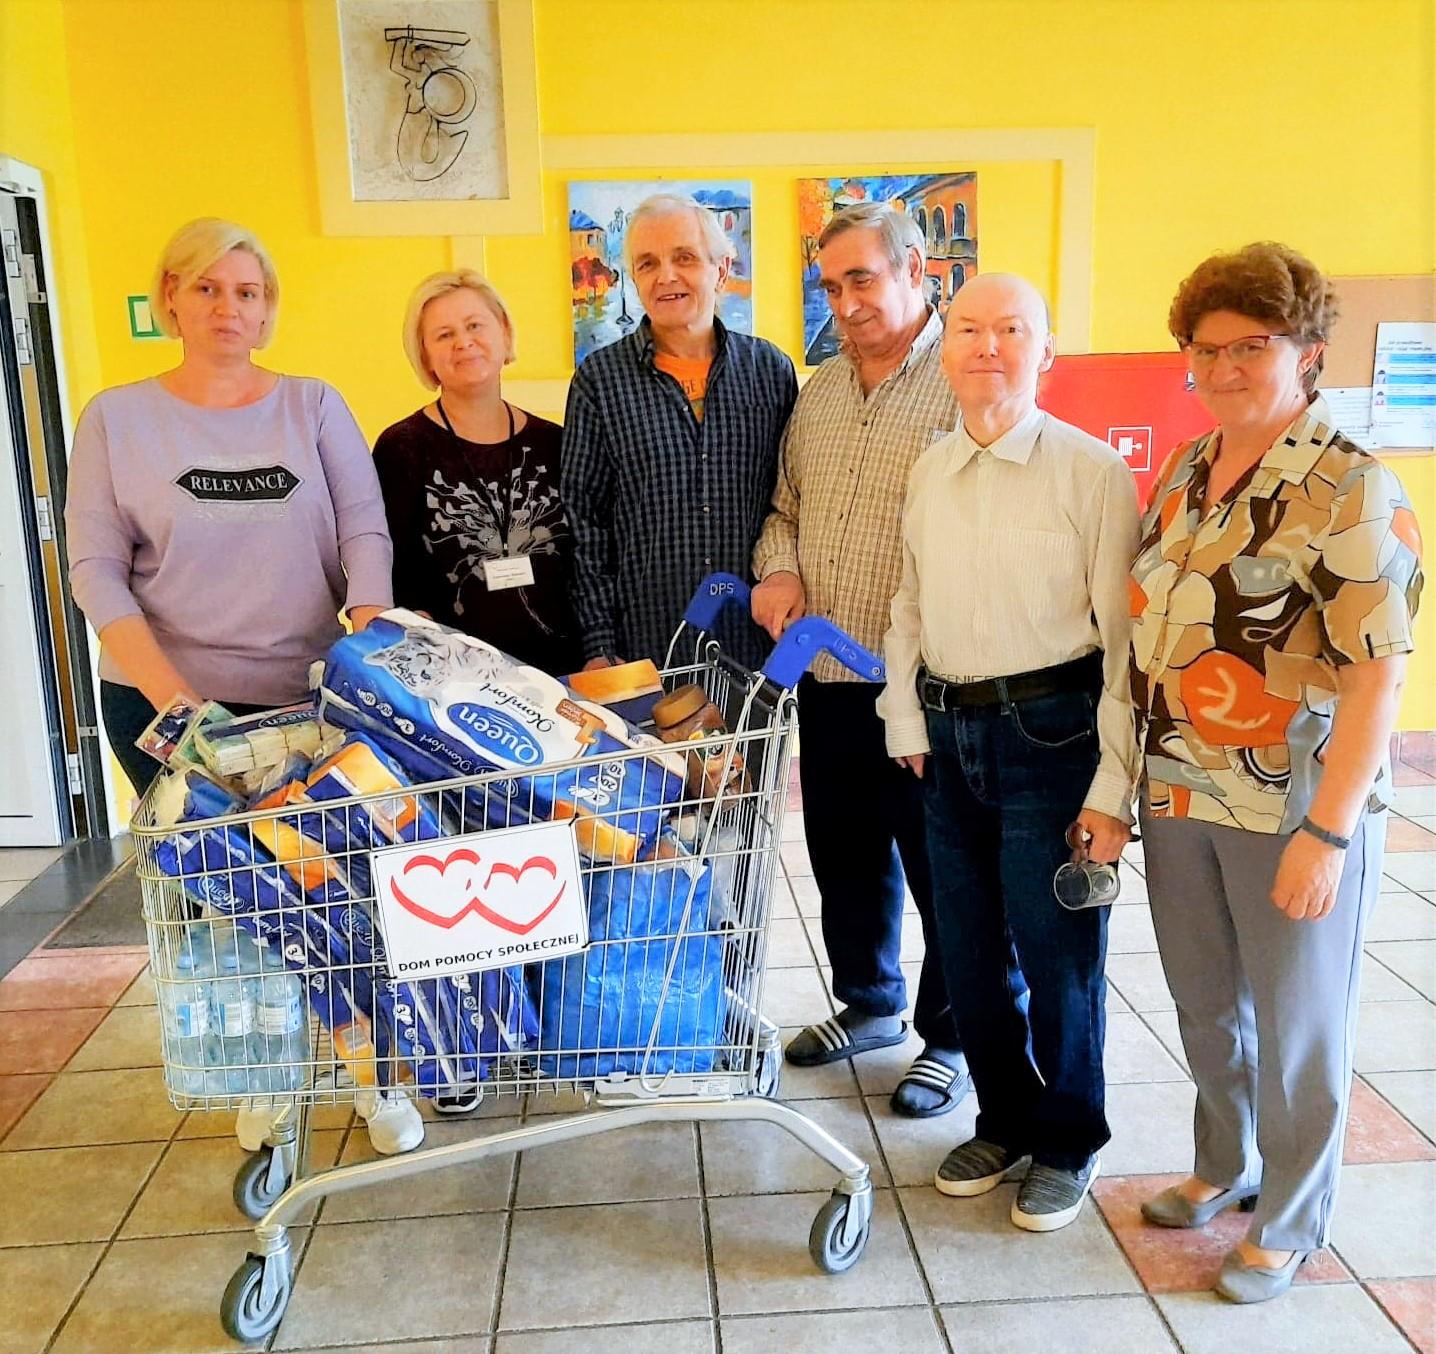 Grupa uśmiechniętych osób stojących na holu, koło nich wózek z zakupami